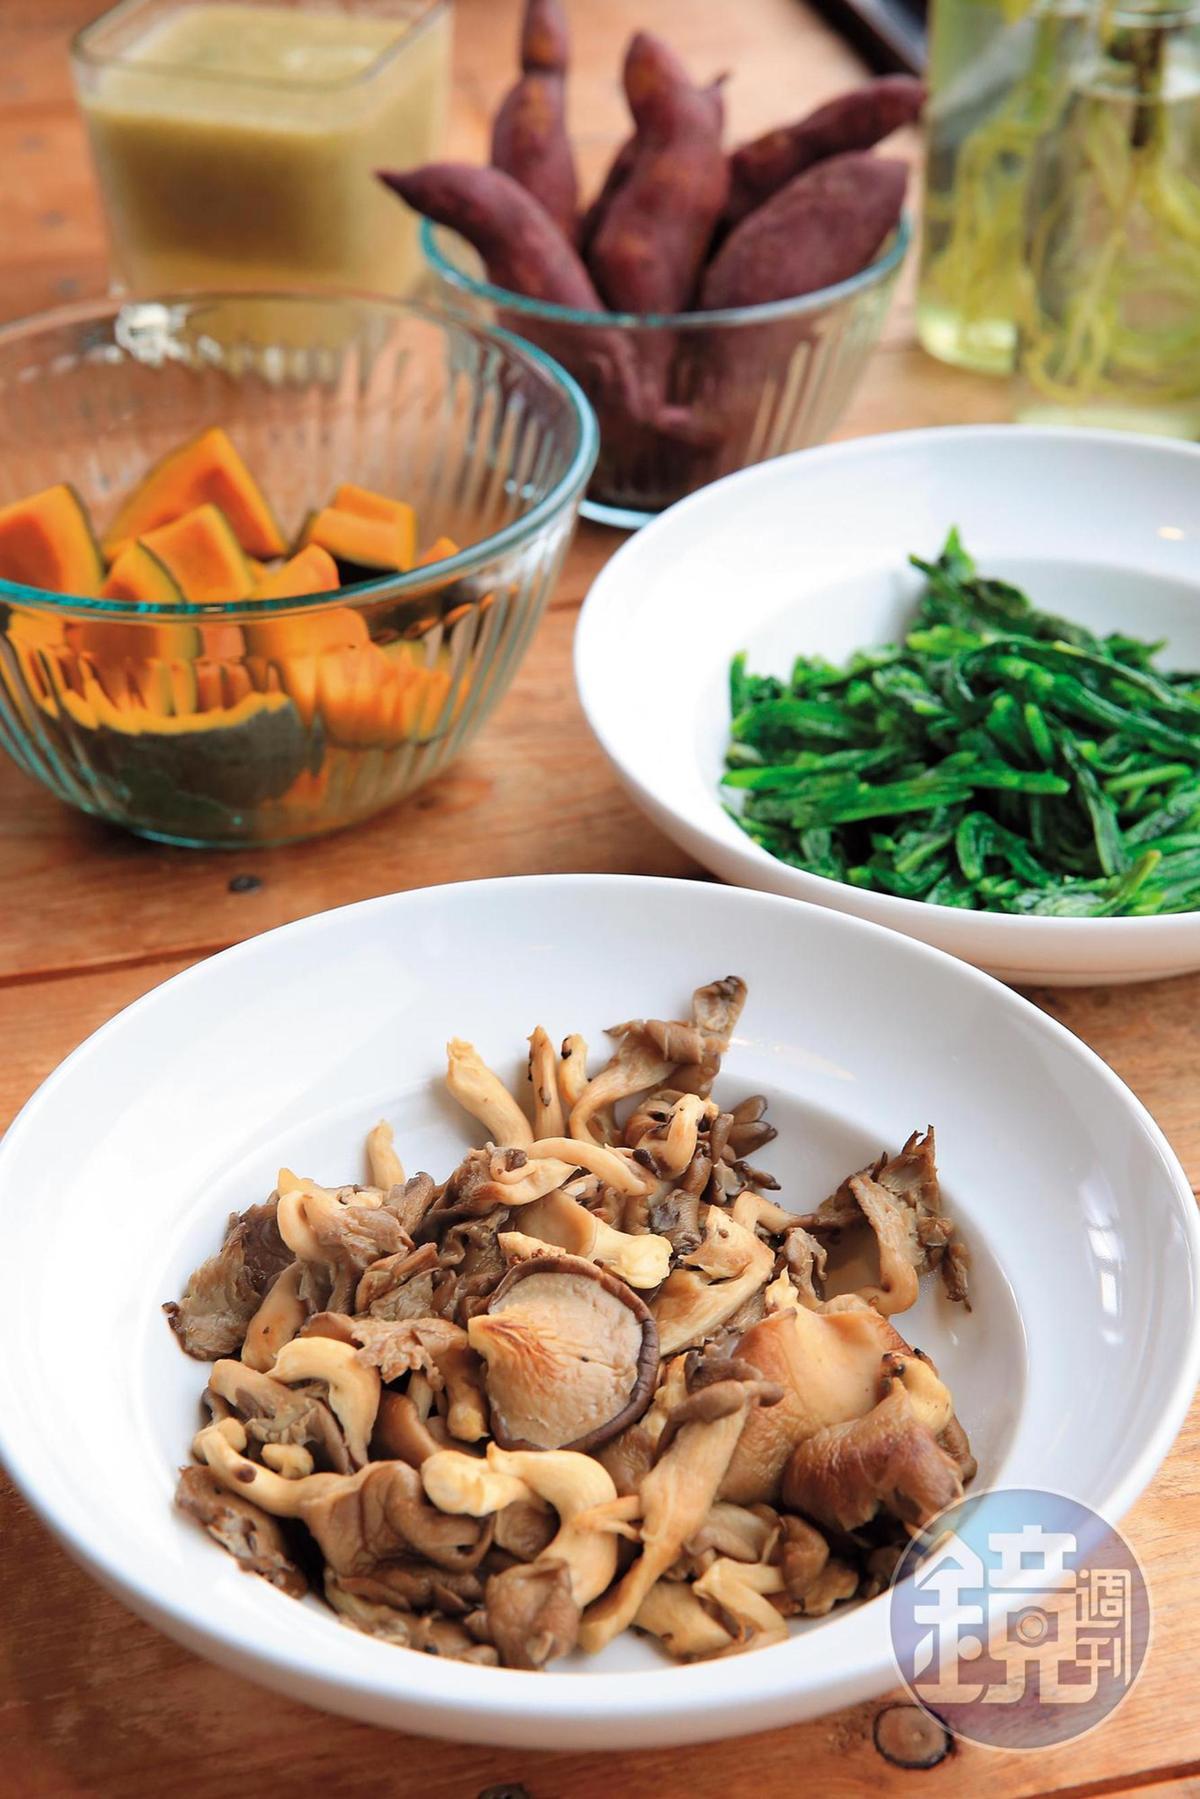 私房料理吃足自然原味,這一盤蠔油菇,是平溪小農「米大菇食」出品。